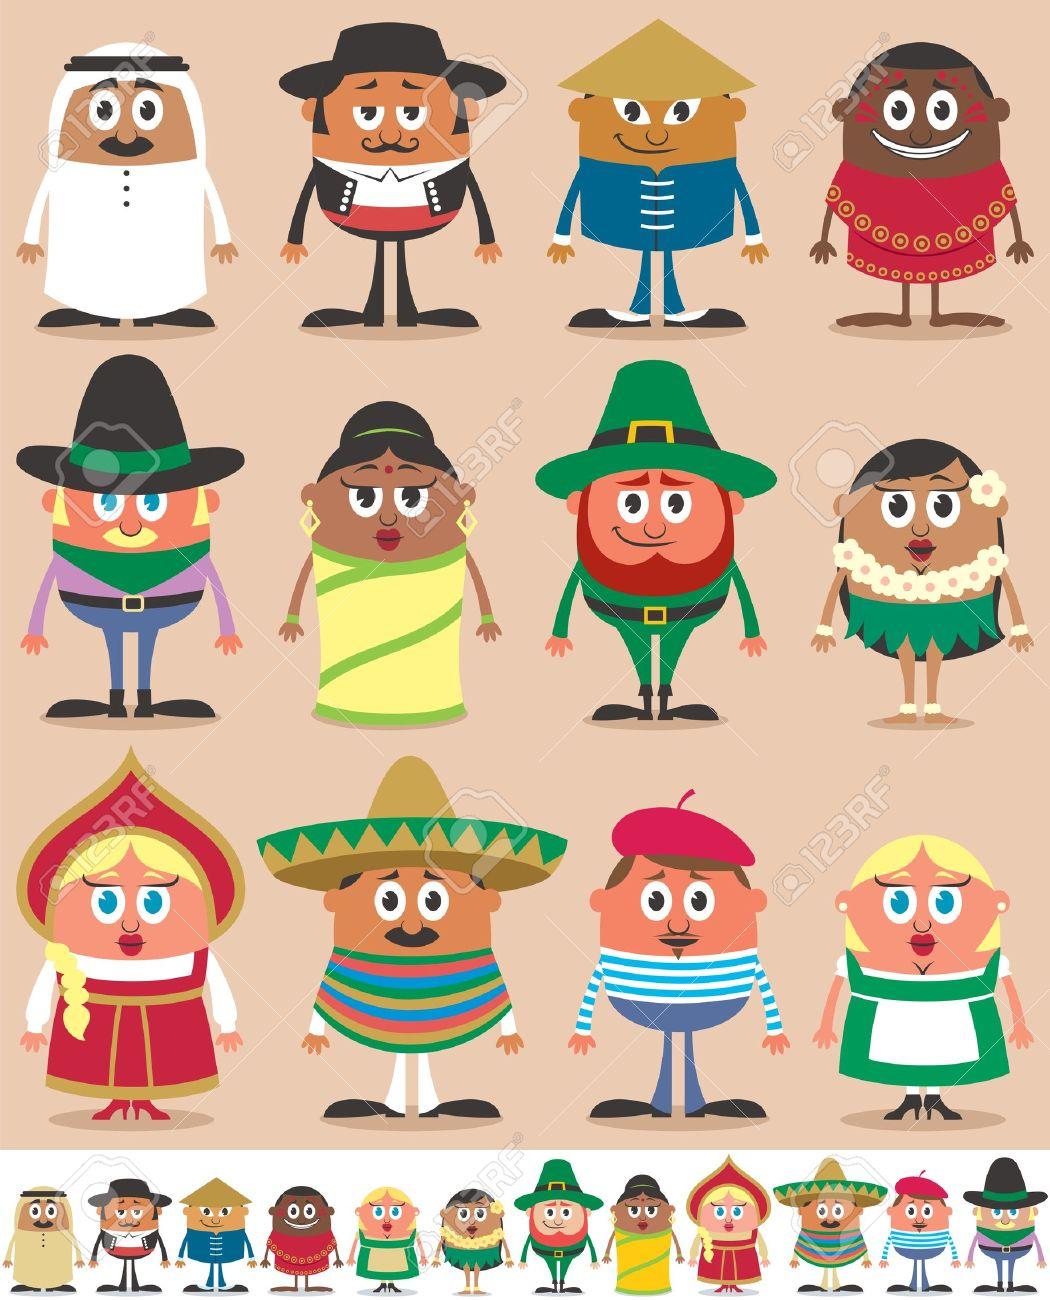 Juego de 12 personajes vestidos con diferentes trajes nacionales. Cada personaje está en dos versiones de color dependiendo del fondo. Ninguna transparencia y gradientes usados. Foto de archivo - 18952033